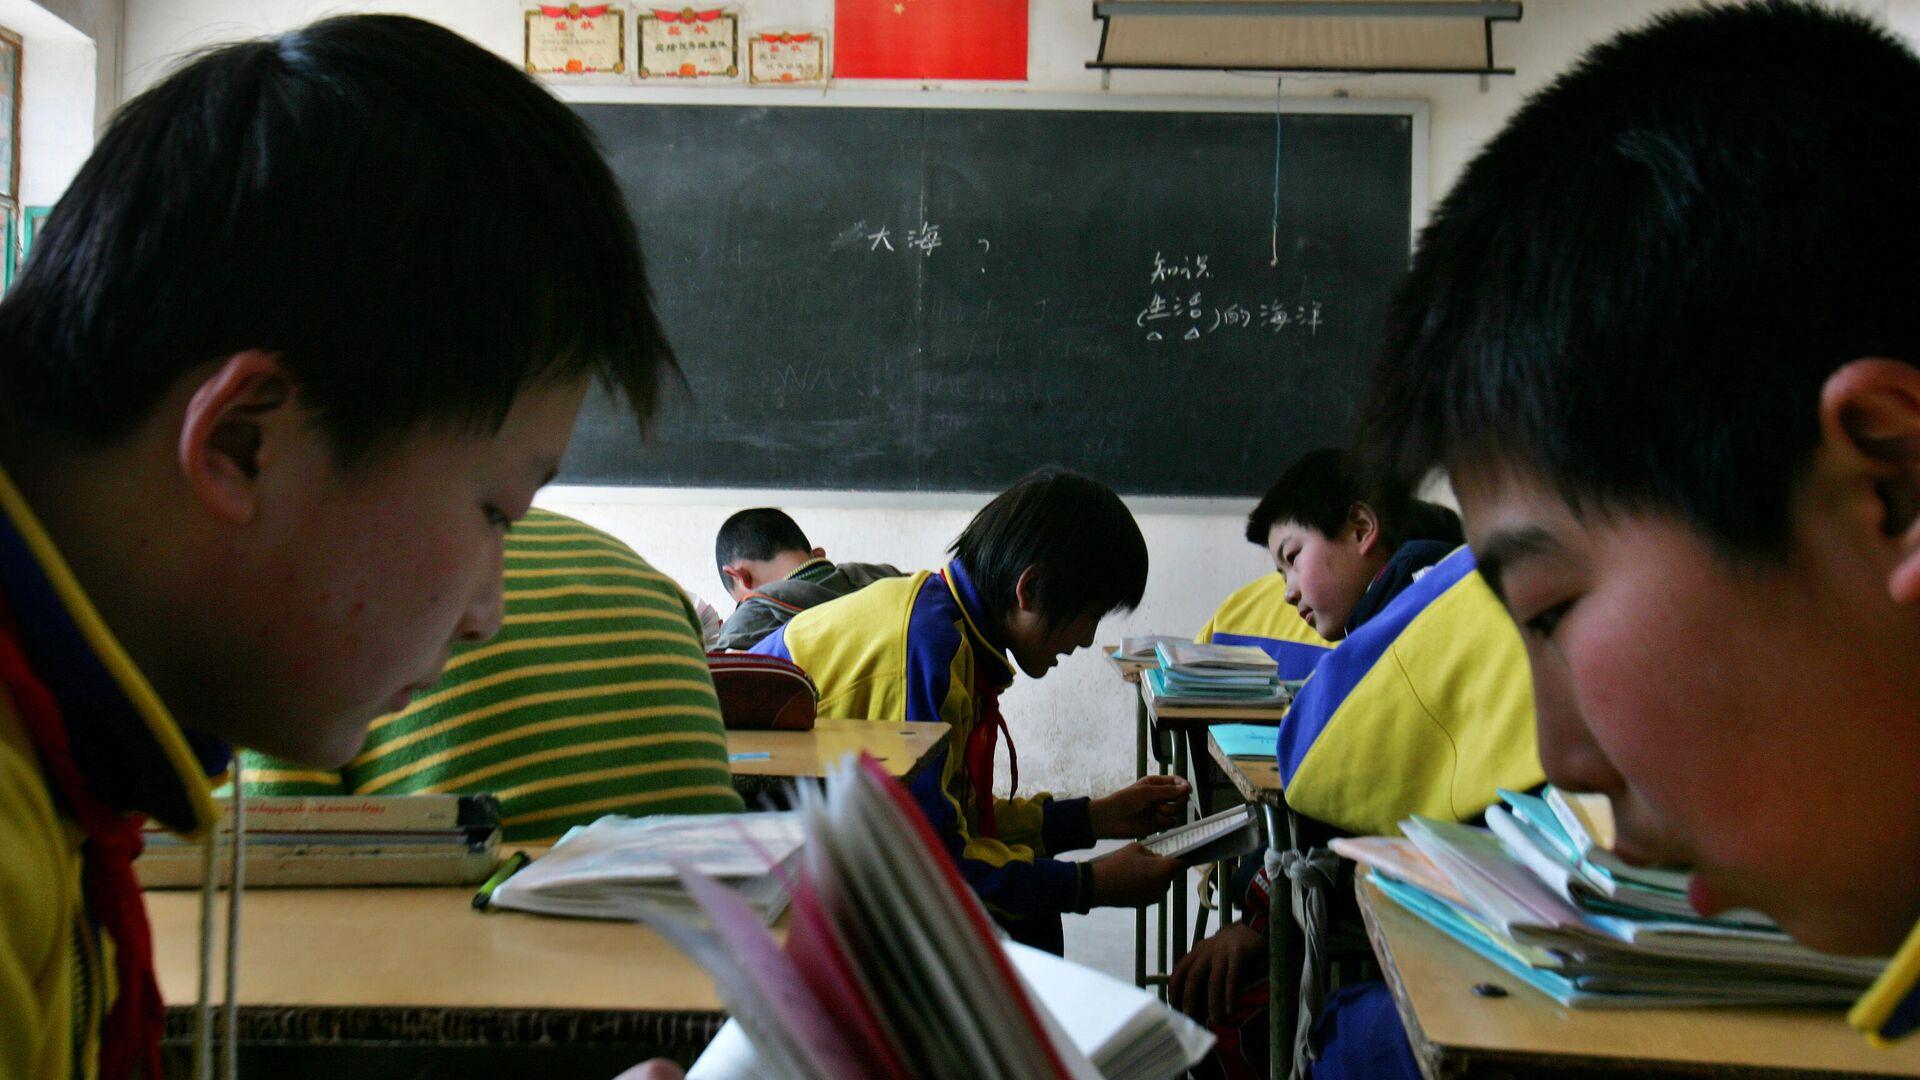 Китайские школьники во время уроков - РИА Новости, 1920, 02.11.2020